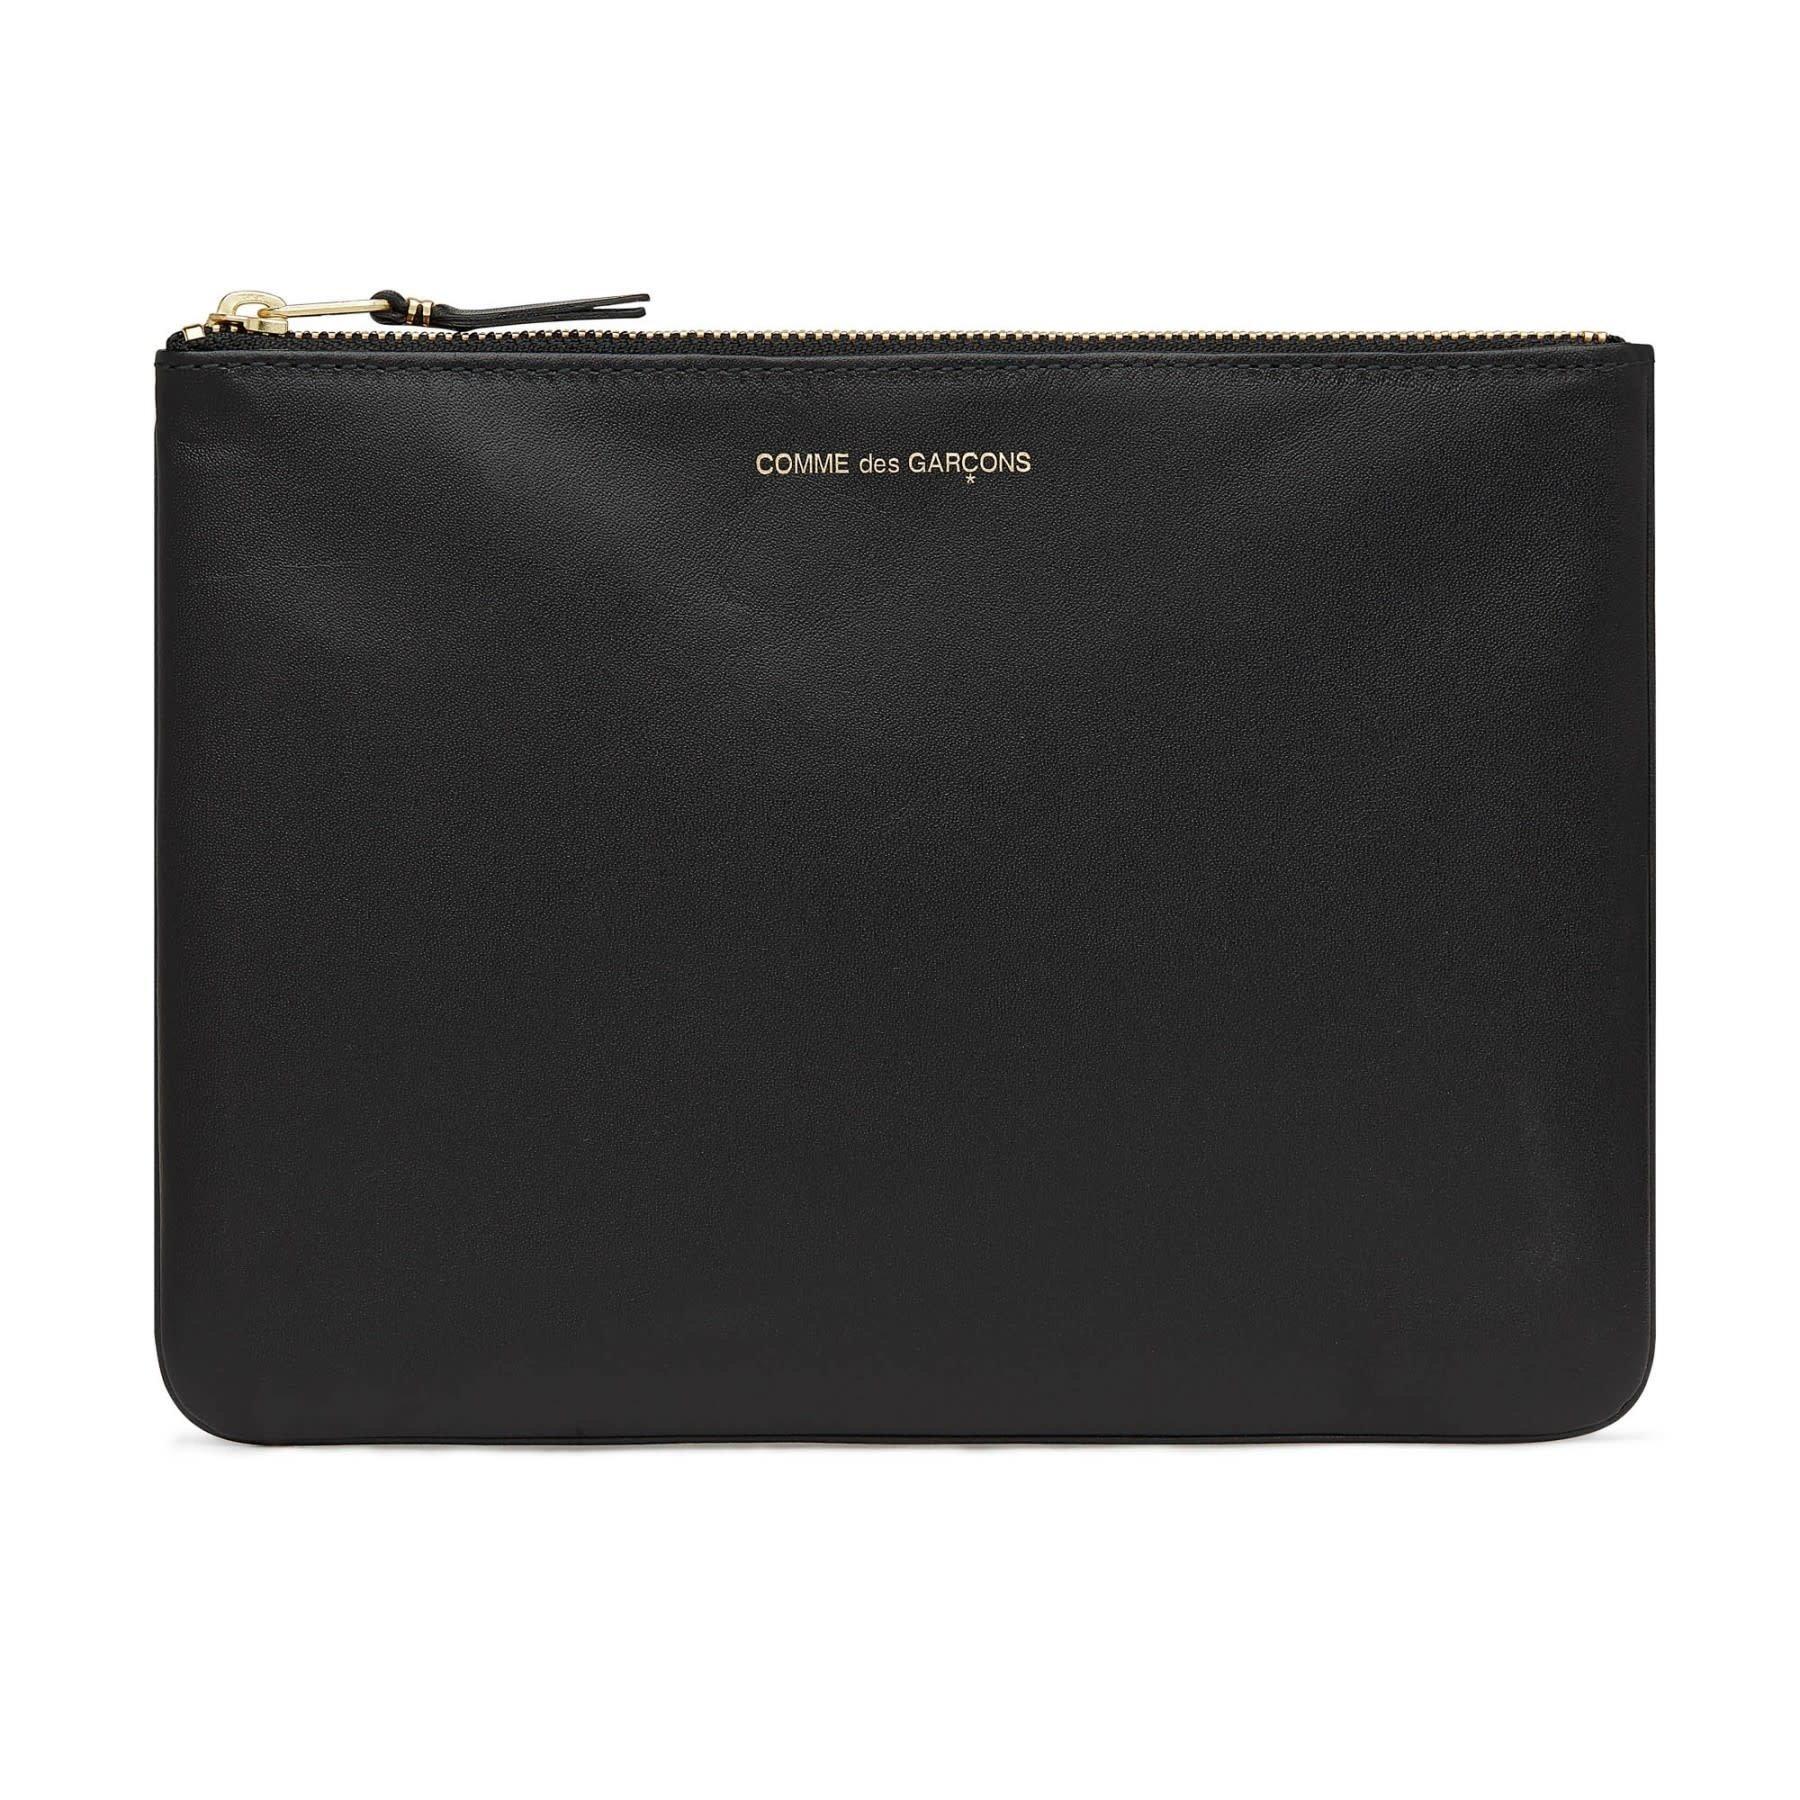 COMME des GARÇONS Wallet  Large Zip Pouch in Black Leather SA5100